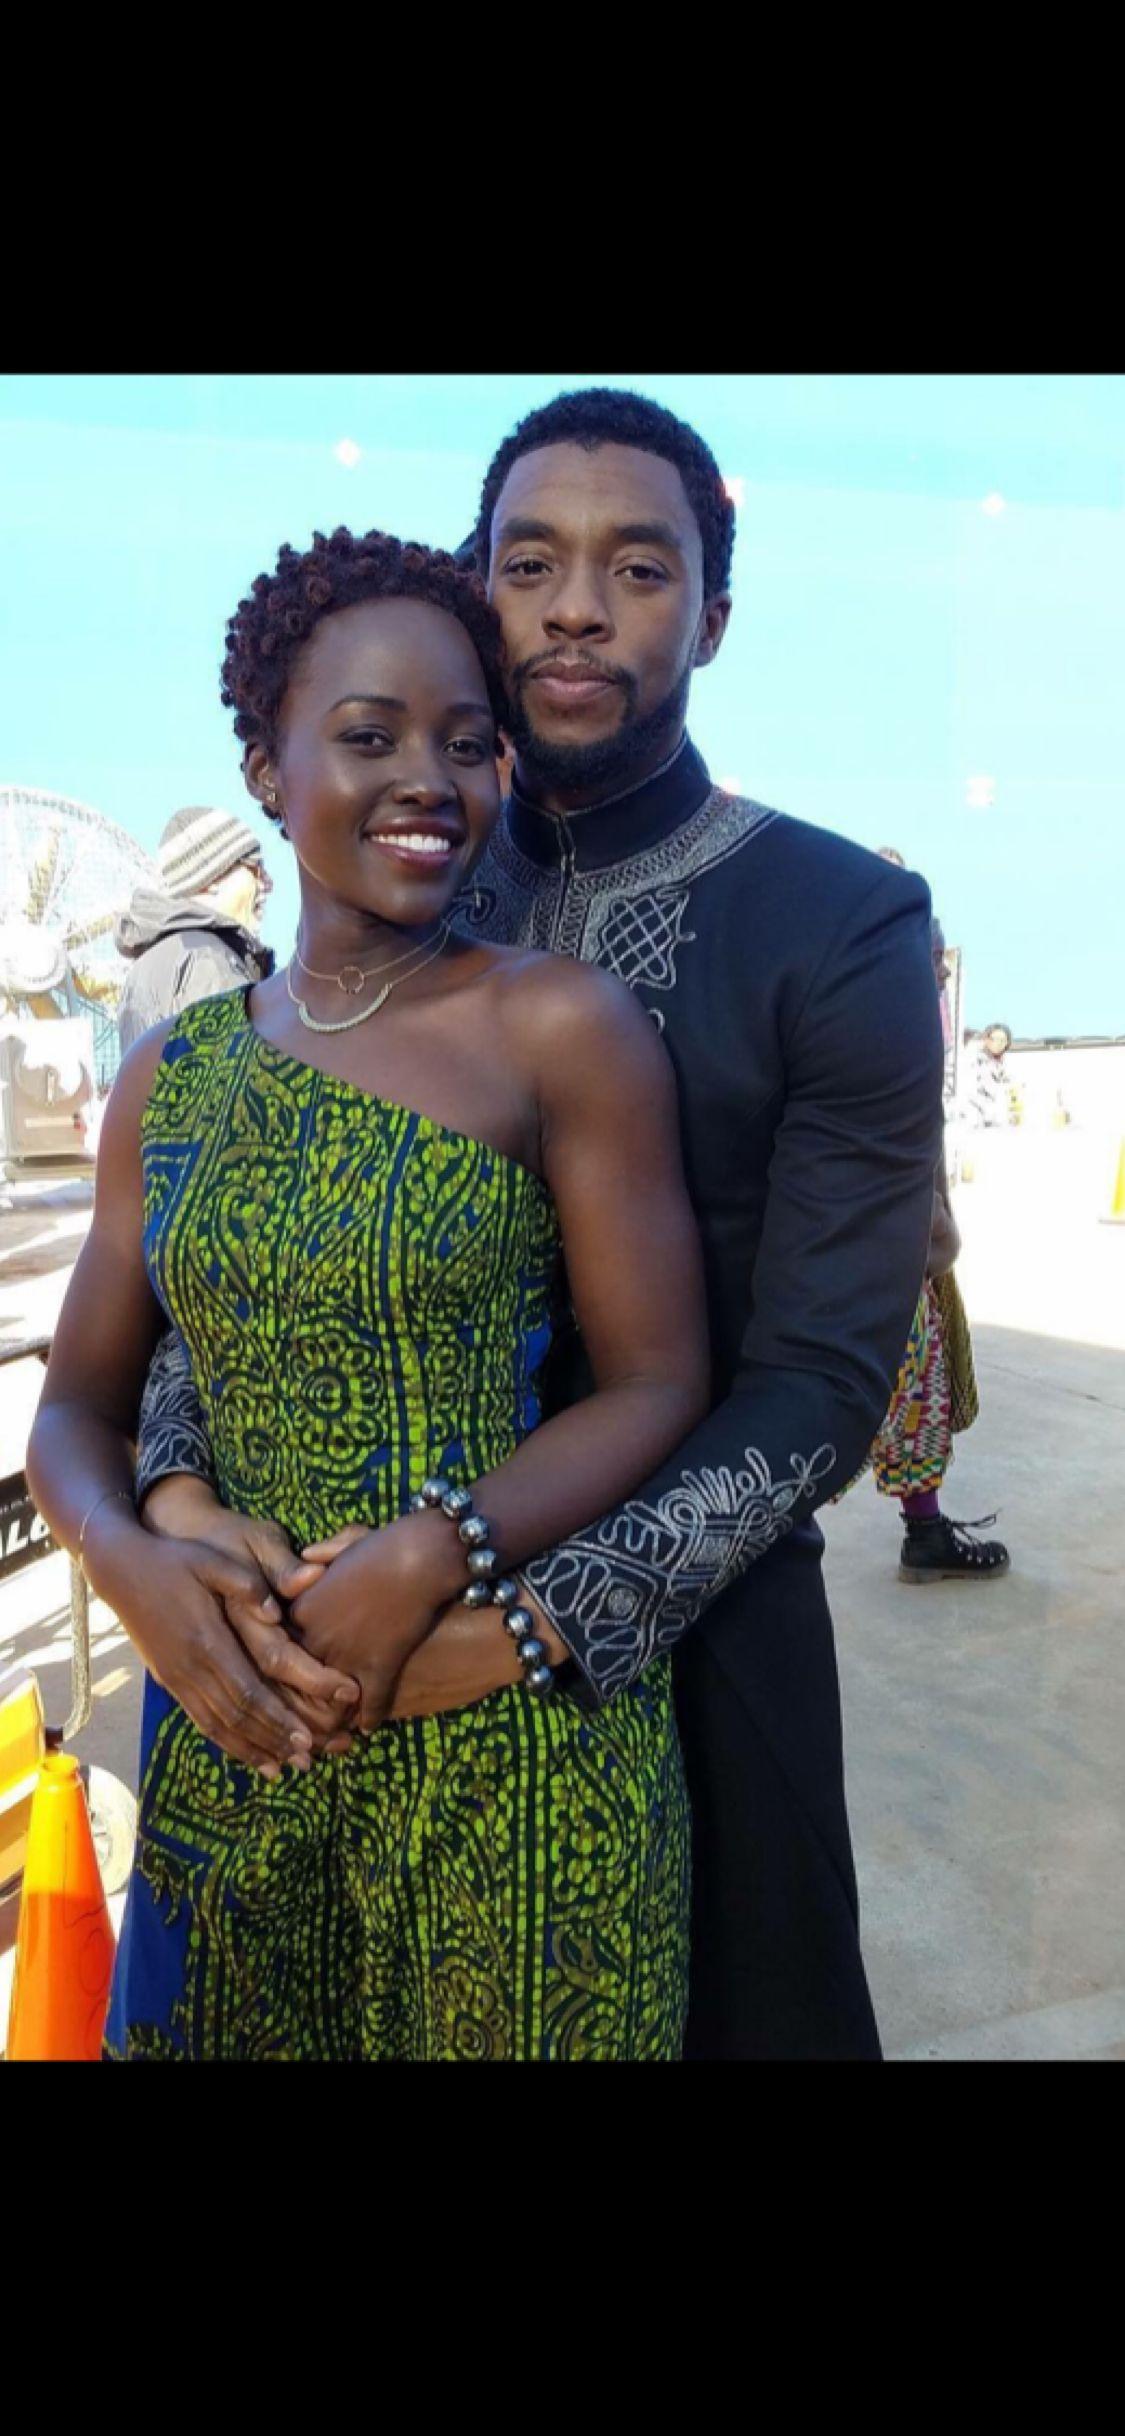 King T'Challa / Black Panther (Chadwick Boseman) And Nakia Lupita Nyong'o) : Wakanda's First ...